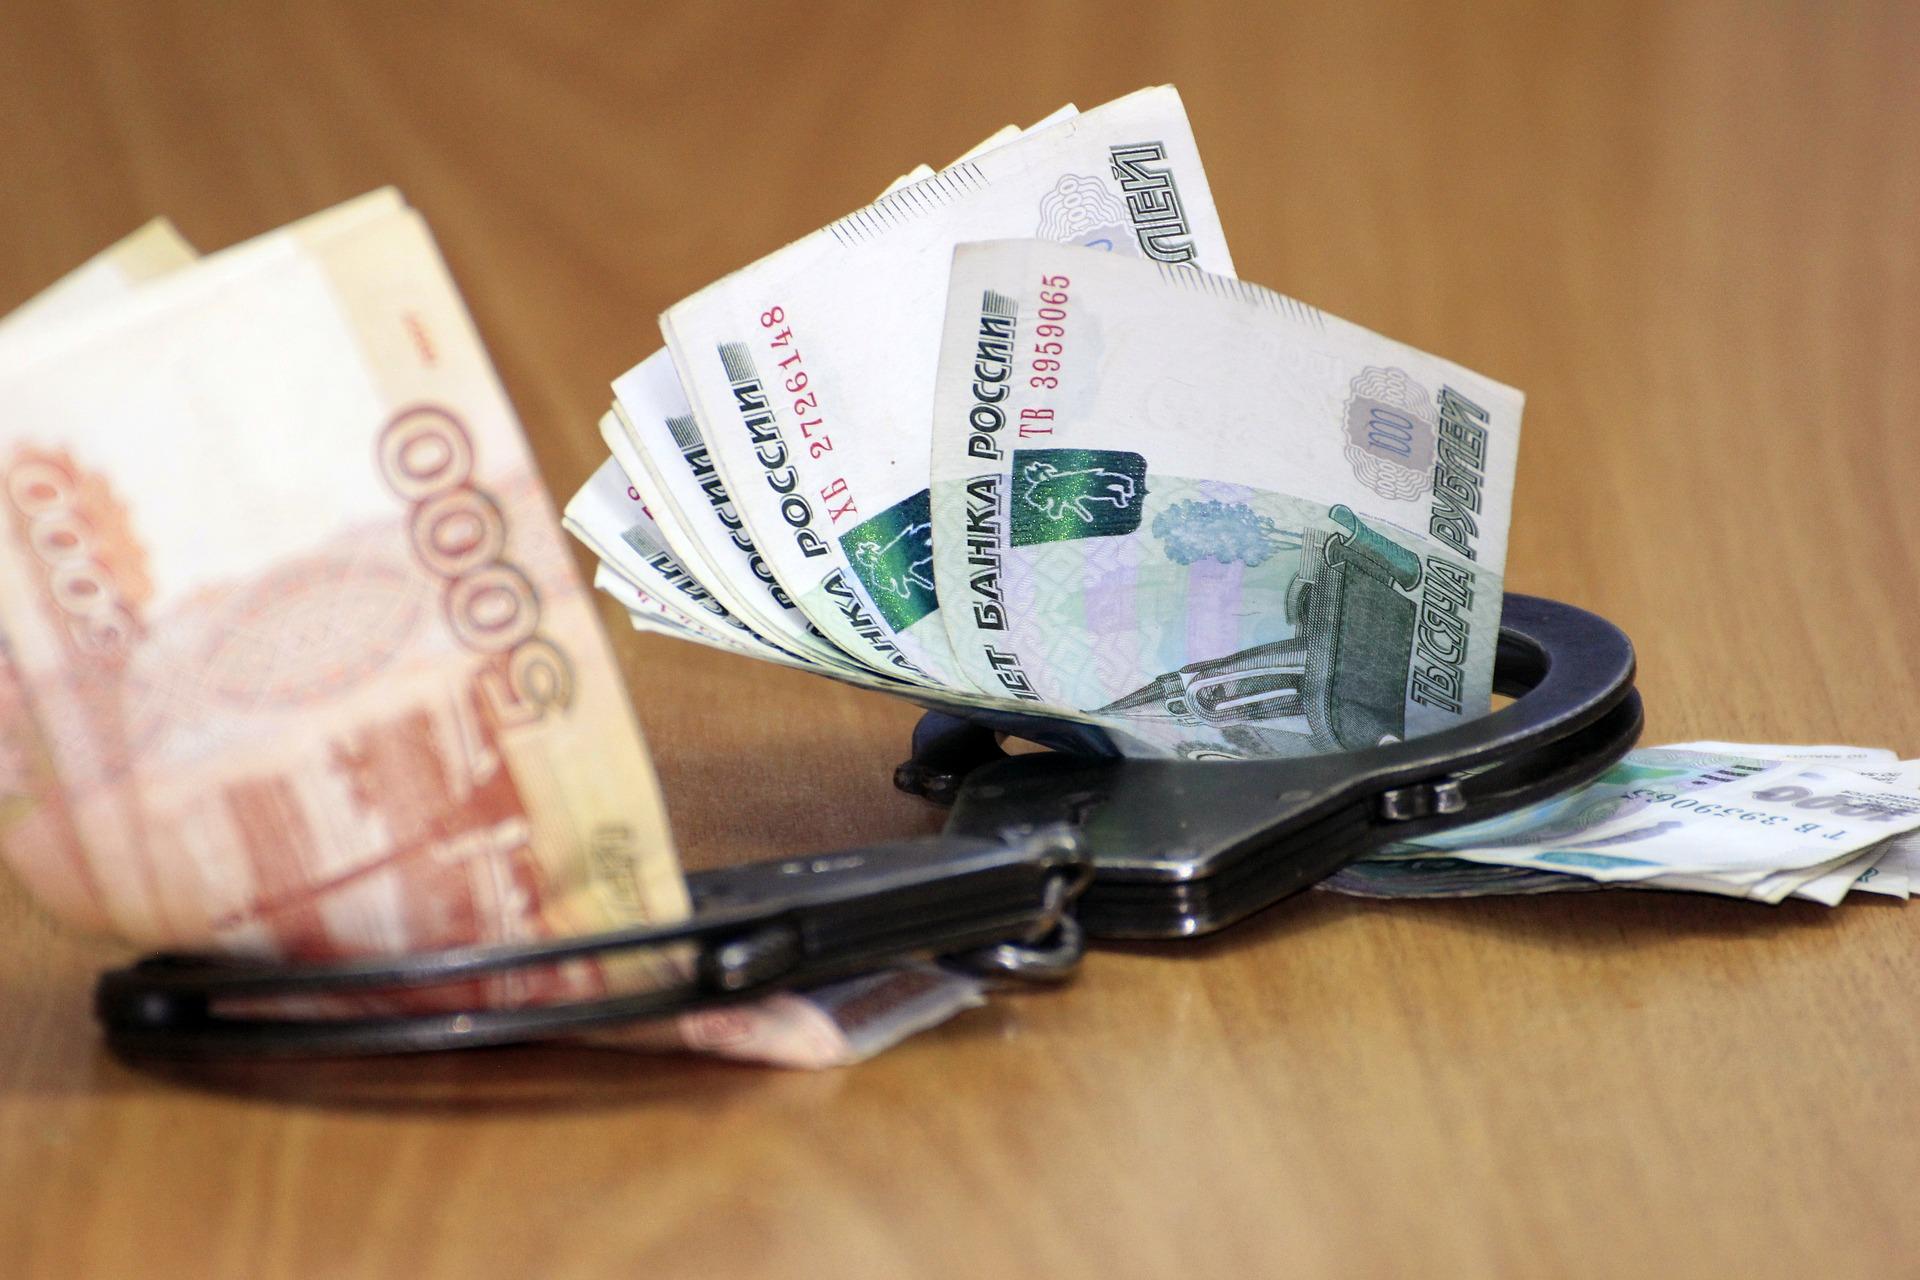 уголовной ответственности за увольнение пенсионеров http://grosh-blog.ru